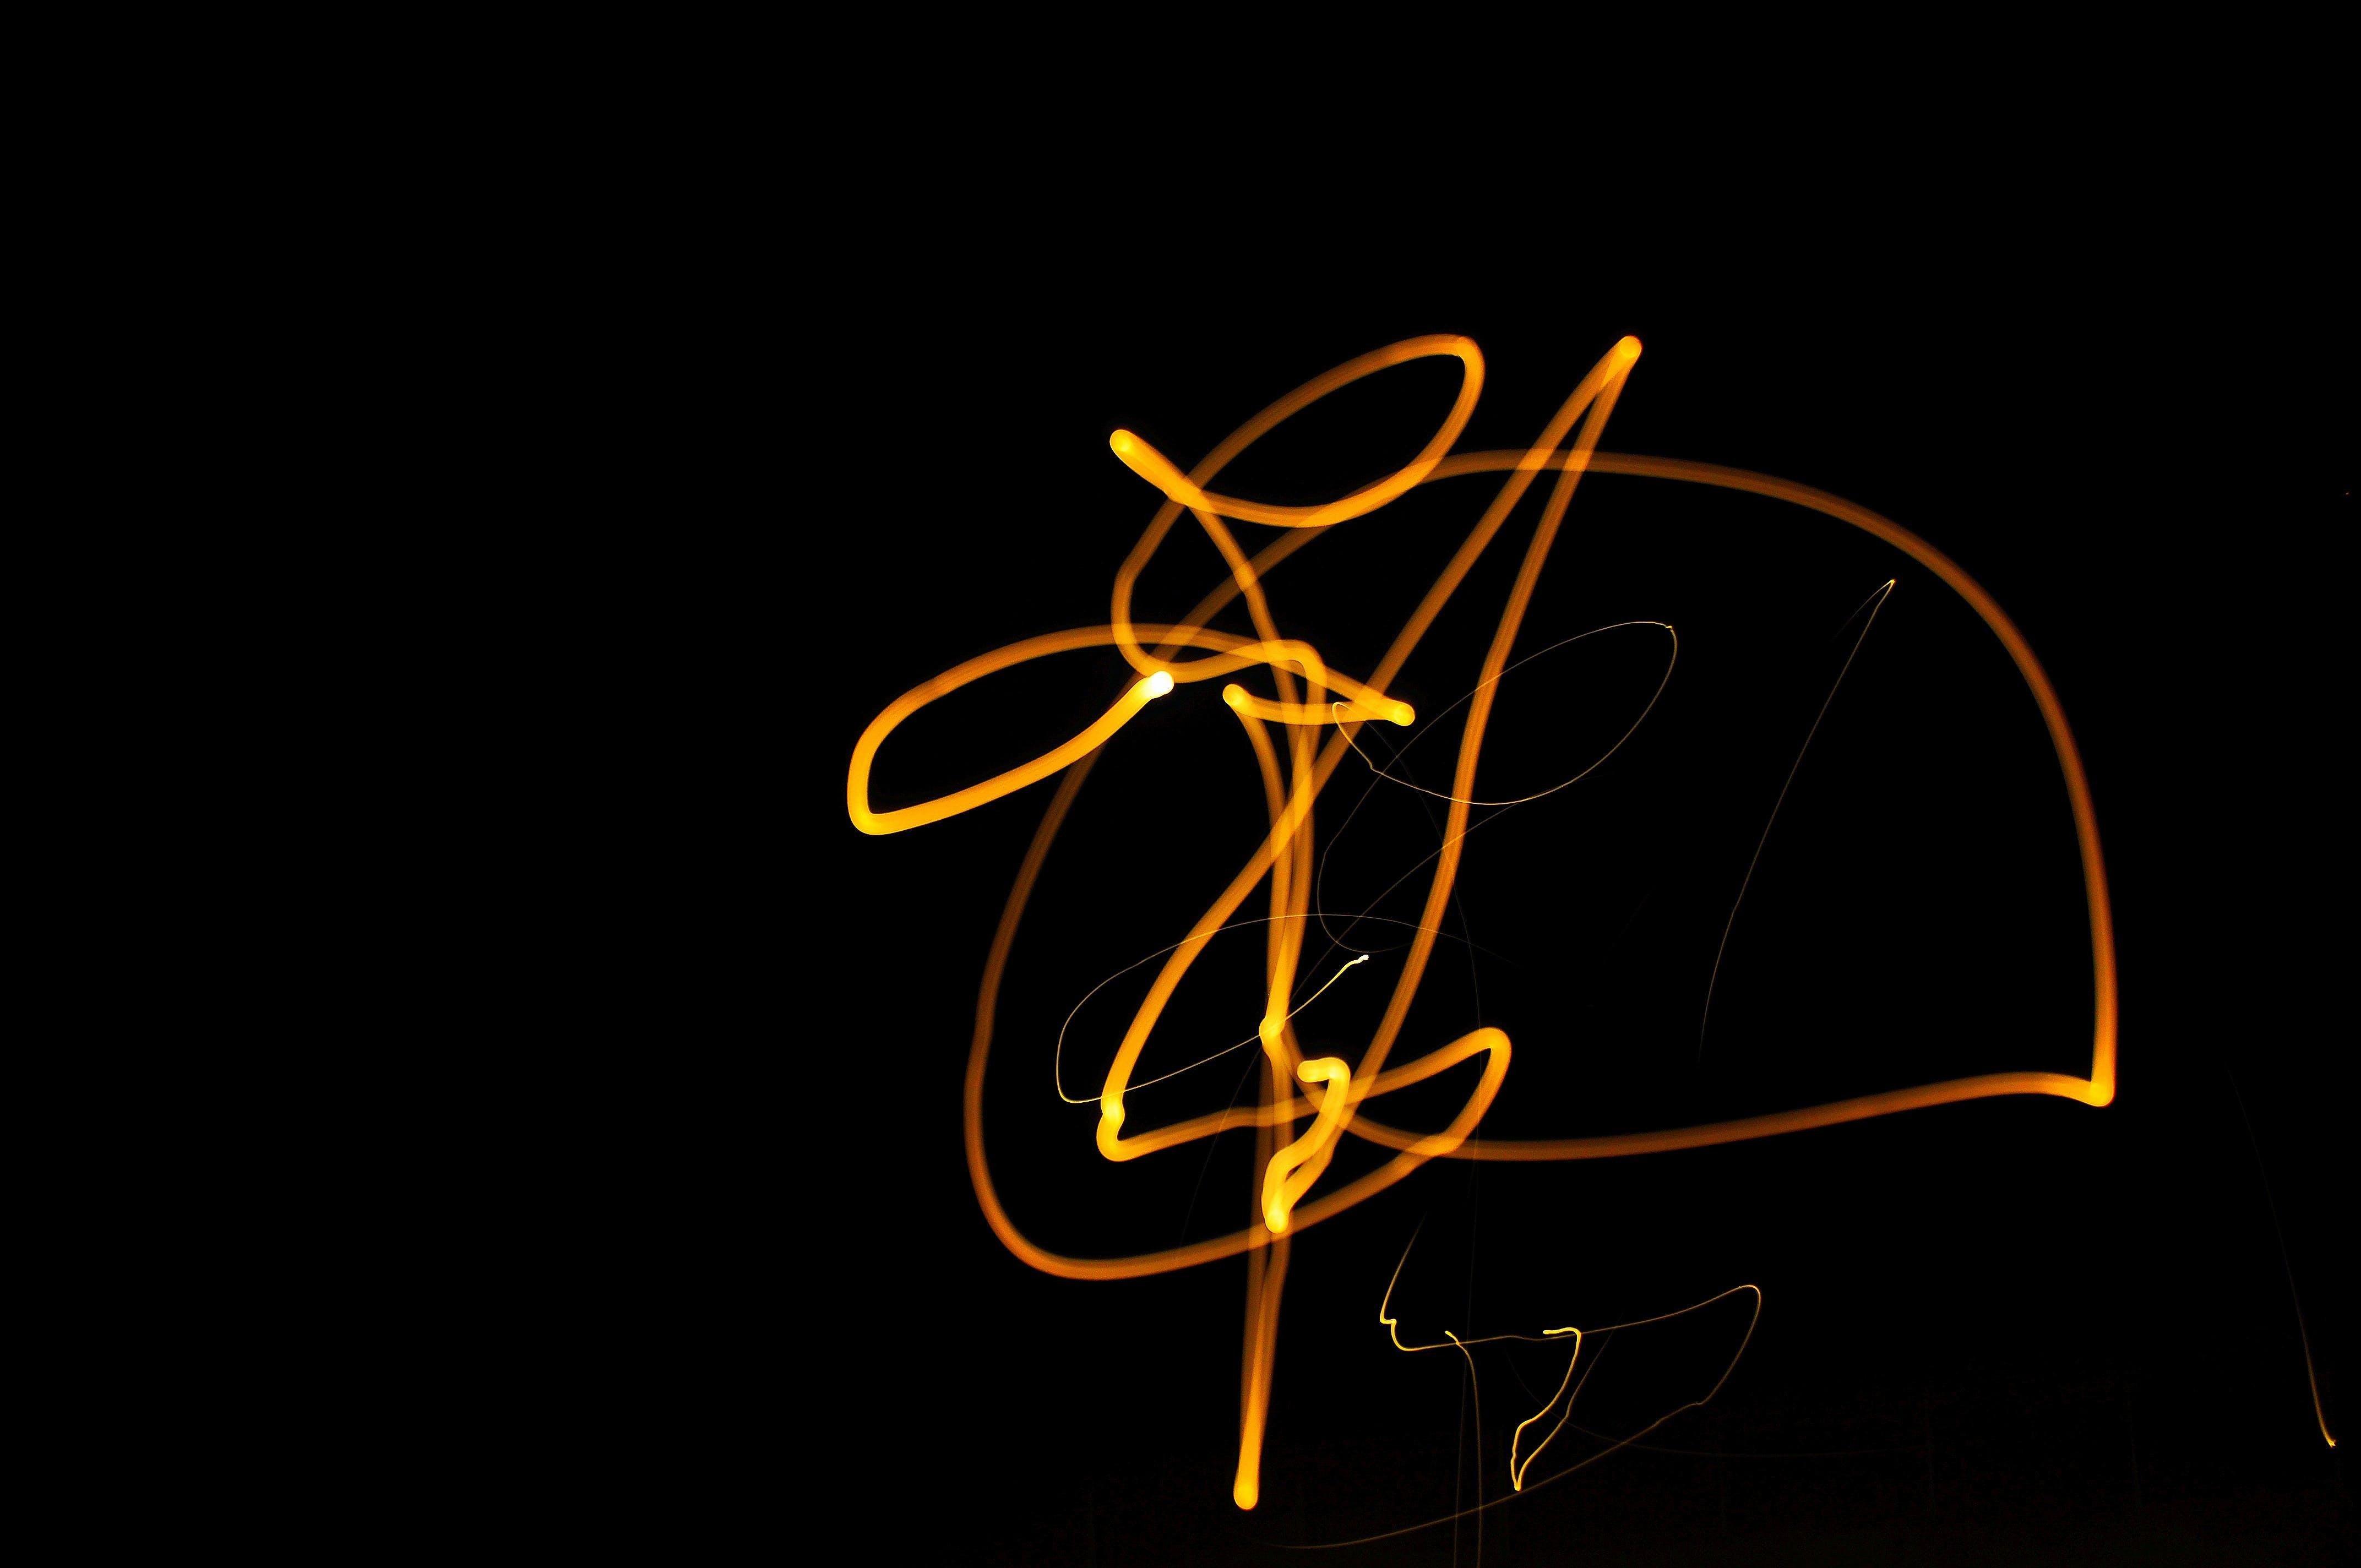 Kostnadsfri bild av abstrakt foto, ljus, ljus och skugga, svart